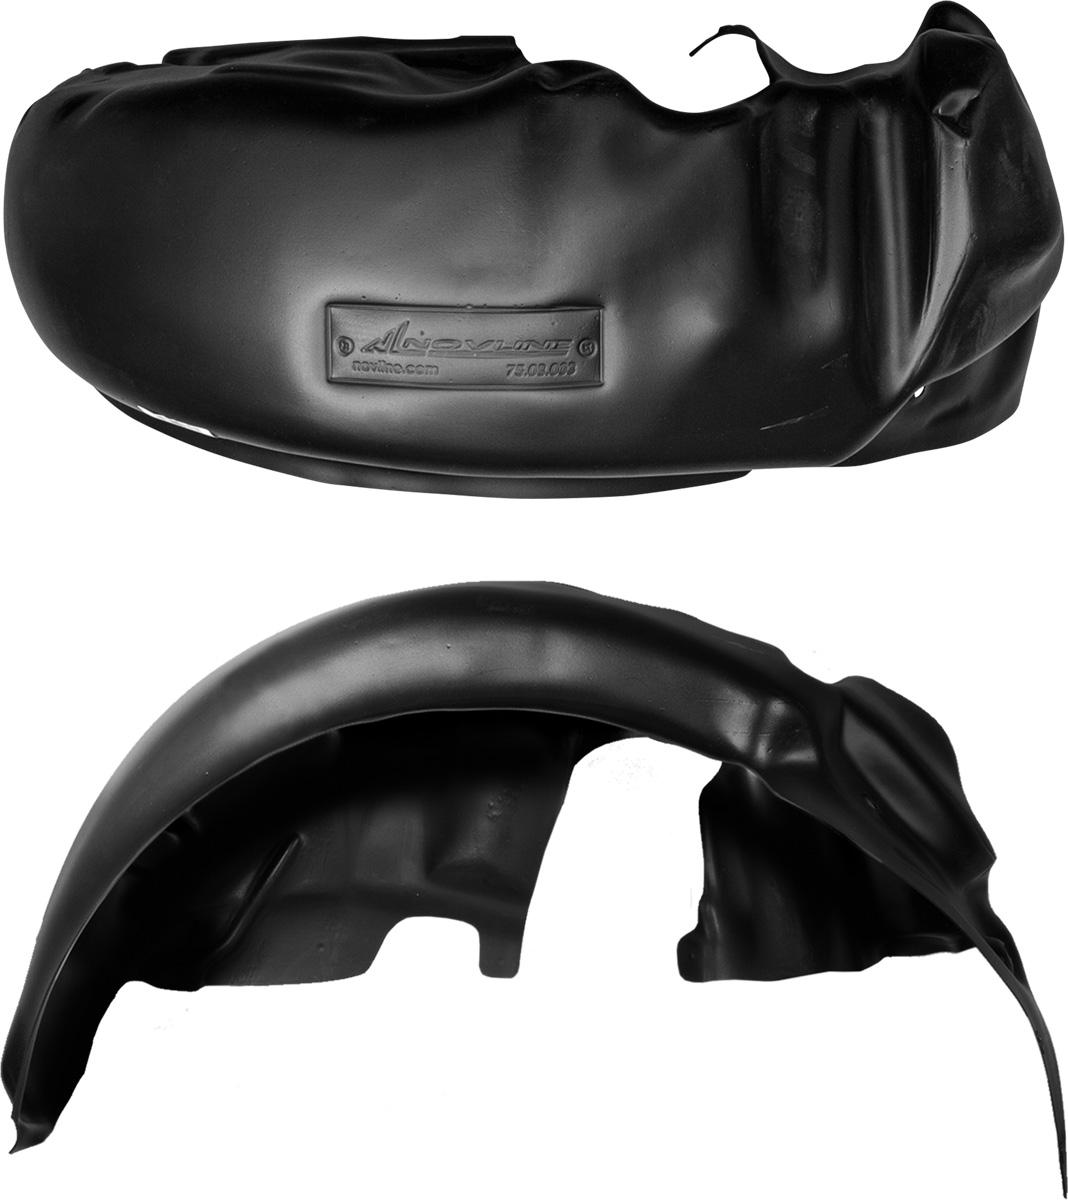 Подкрылок Novline-Autofamily, для КIА Rio, 04/2015-, седан, передний правыйNLL.25.42.002Колесные ниши – одни из самых уязвимых зон днища вашего автомобиля. Они постоянно подвергаются воздействию со стороны дороги. Лучшая, почти абсолютная защита для них - специально отформованные пластиковые кожухи, которые называются подкрылками, или локерами. Производятся они как для отечественных моделей автомобилей, так и для иномарок. Подкрылки выполнены из высококачественного, экологически чистого пластика. Обеспечивают надежную защиту кузова автомобиля от пескоструйного эффекта и негативного влияния, агрессивных антигололедных реагентов. Пластик обладает более низкой теплопроводностью, чем металл, поэтому в зимний период эксплуатации использование пластиковых подкрылков позволяет лучше защитить колесные ниши от налипания снега и образования наледи. Оригинальность конструкции подчеркивает элегантность автомобиля, бережно защищает нанесенное на днище кузова антикоррозийное покрытие и позволяет осуществить крепление подкрылков внутри колесной арки практически без дополнительного крепежа и сверления, не нарушая при этом лакокрасочного покрытия, что предотвращает возникновение новых очагов коррозии. Технология крепления подкрылков на иномарки принципиально отличается от крепления на российские автомобили и разрабатывается индивидуально для каждой модели автомобиля. Подкрылки долговечны, обладают высокой прочностью и сохраняют заданную форму, а также все свои физико-механические характеристики в самых тяжелых климатических условиях ( от -50° С до + 50° С).